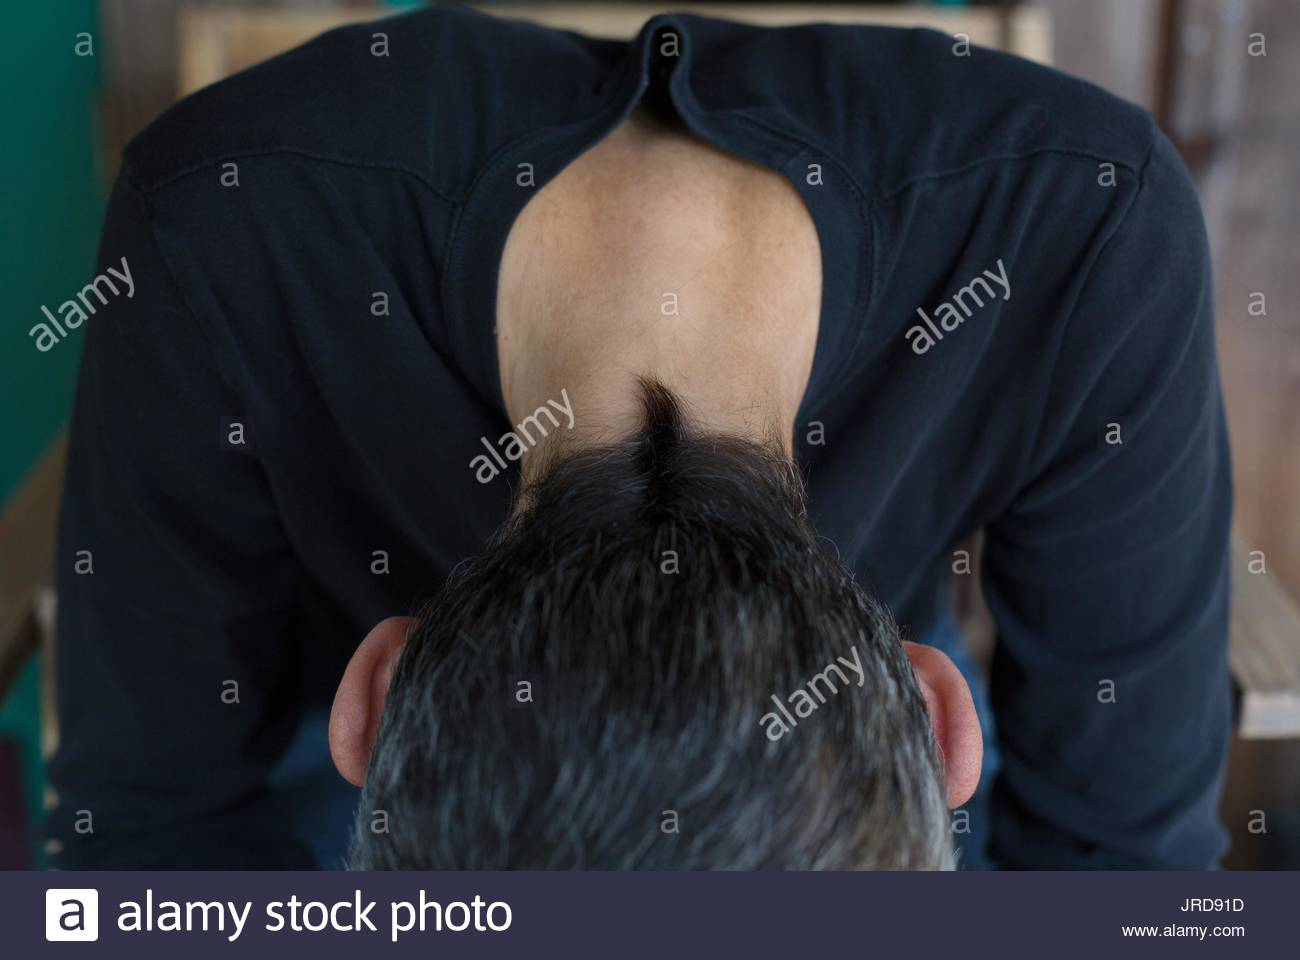 Cerca de la parte de atrás de una cabeza de mujer, con el pelo corto. Imagen De Stock